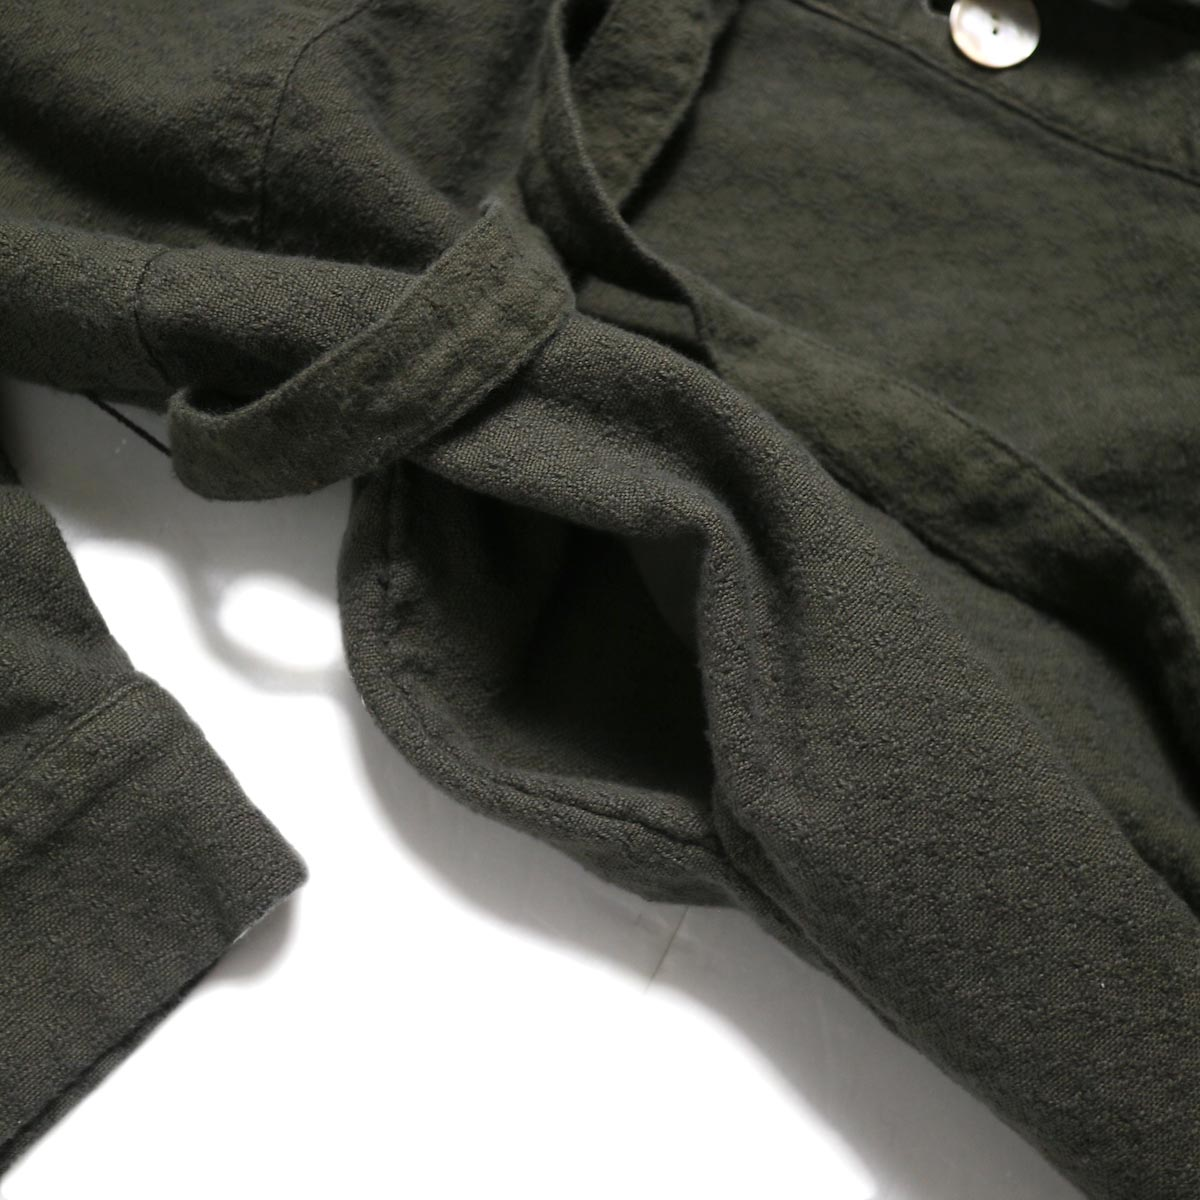 archi / Cuphea Long Shirt -Charcoal Gray ポケット